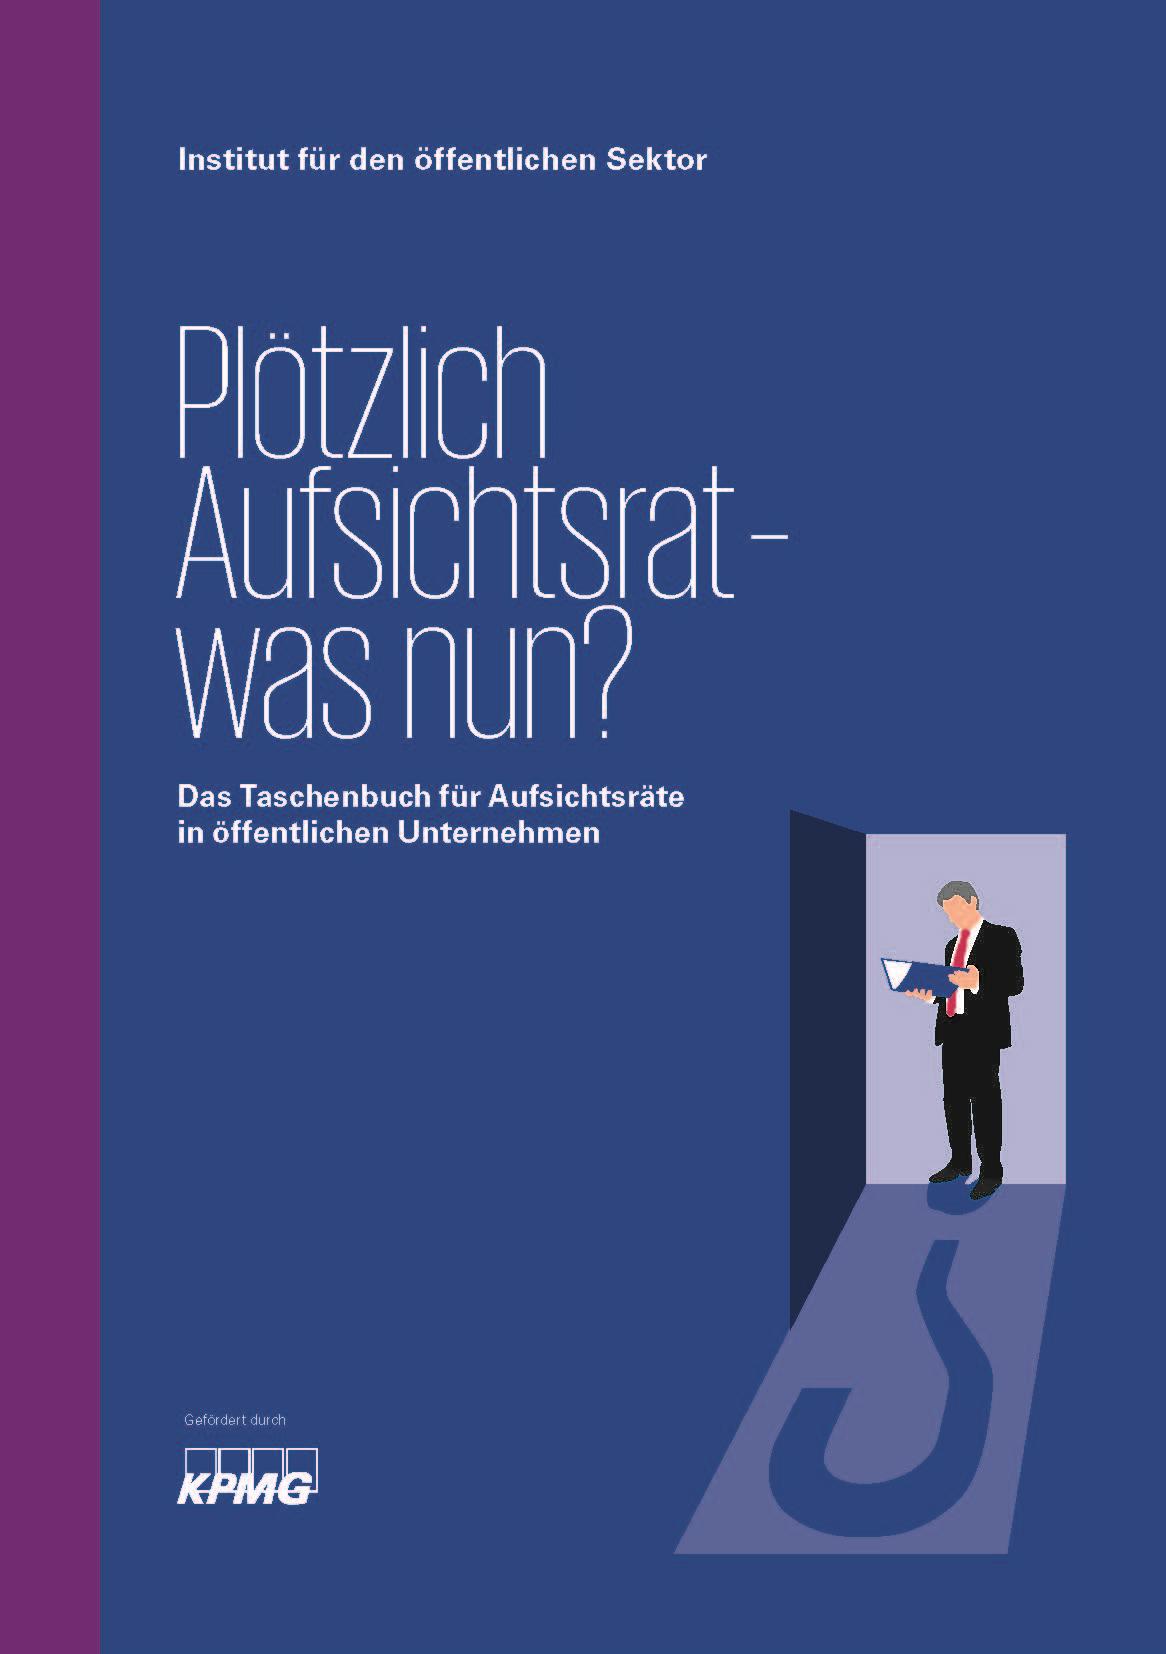 ploetzlich-aufsichtsrat-was-nun-cover-2017-PSI.png